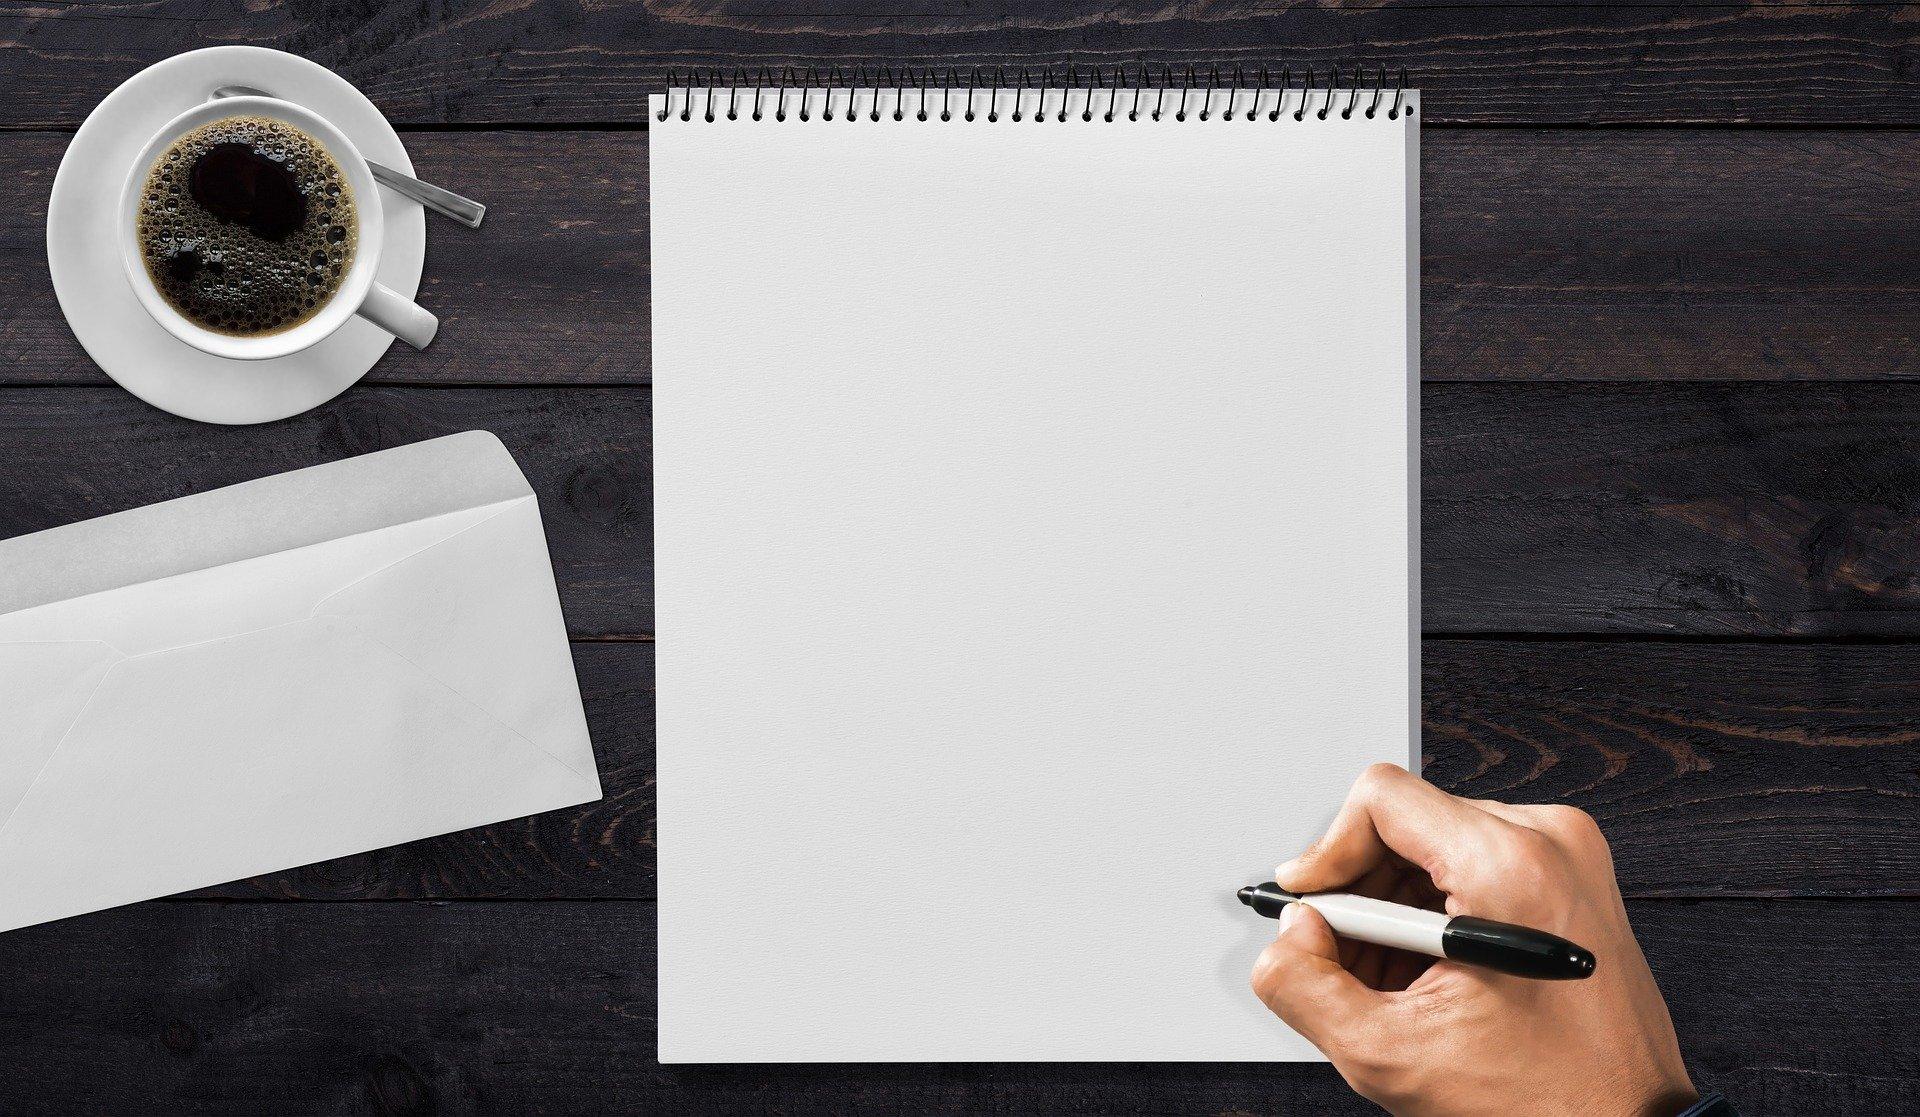 義母への手紙の宛名はどうすべき? 義両親に失礼のない書き方は?